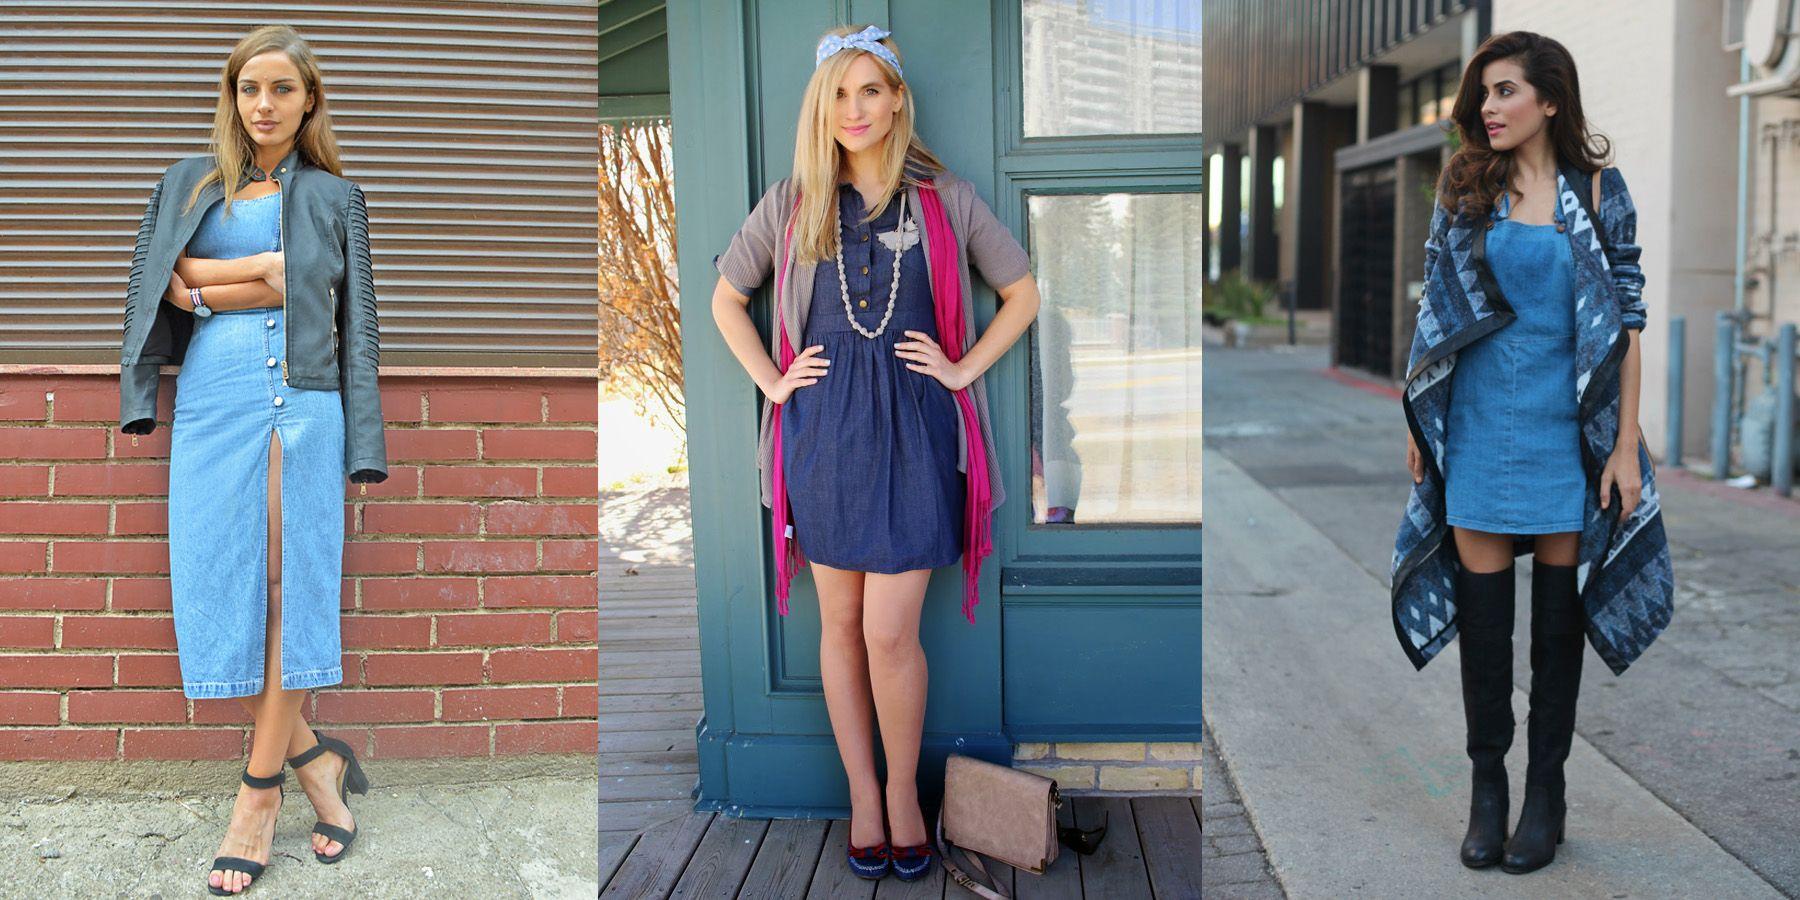 Yuk, Tampil Kasual dan Chic dengan Denim Dress!